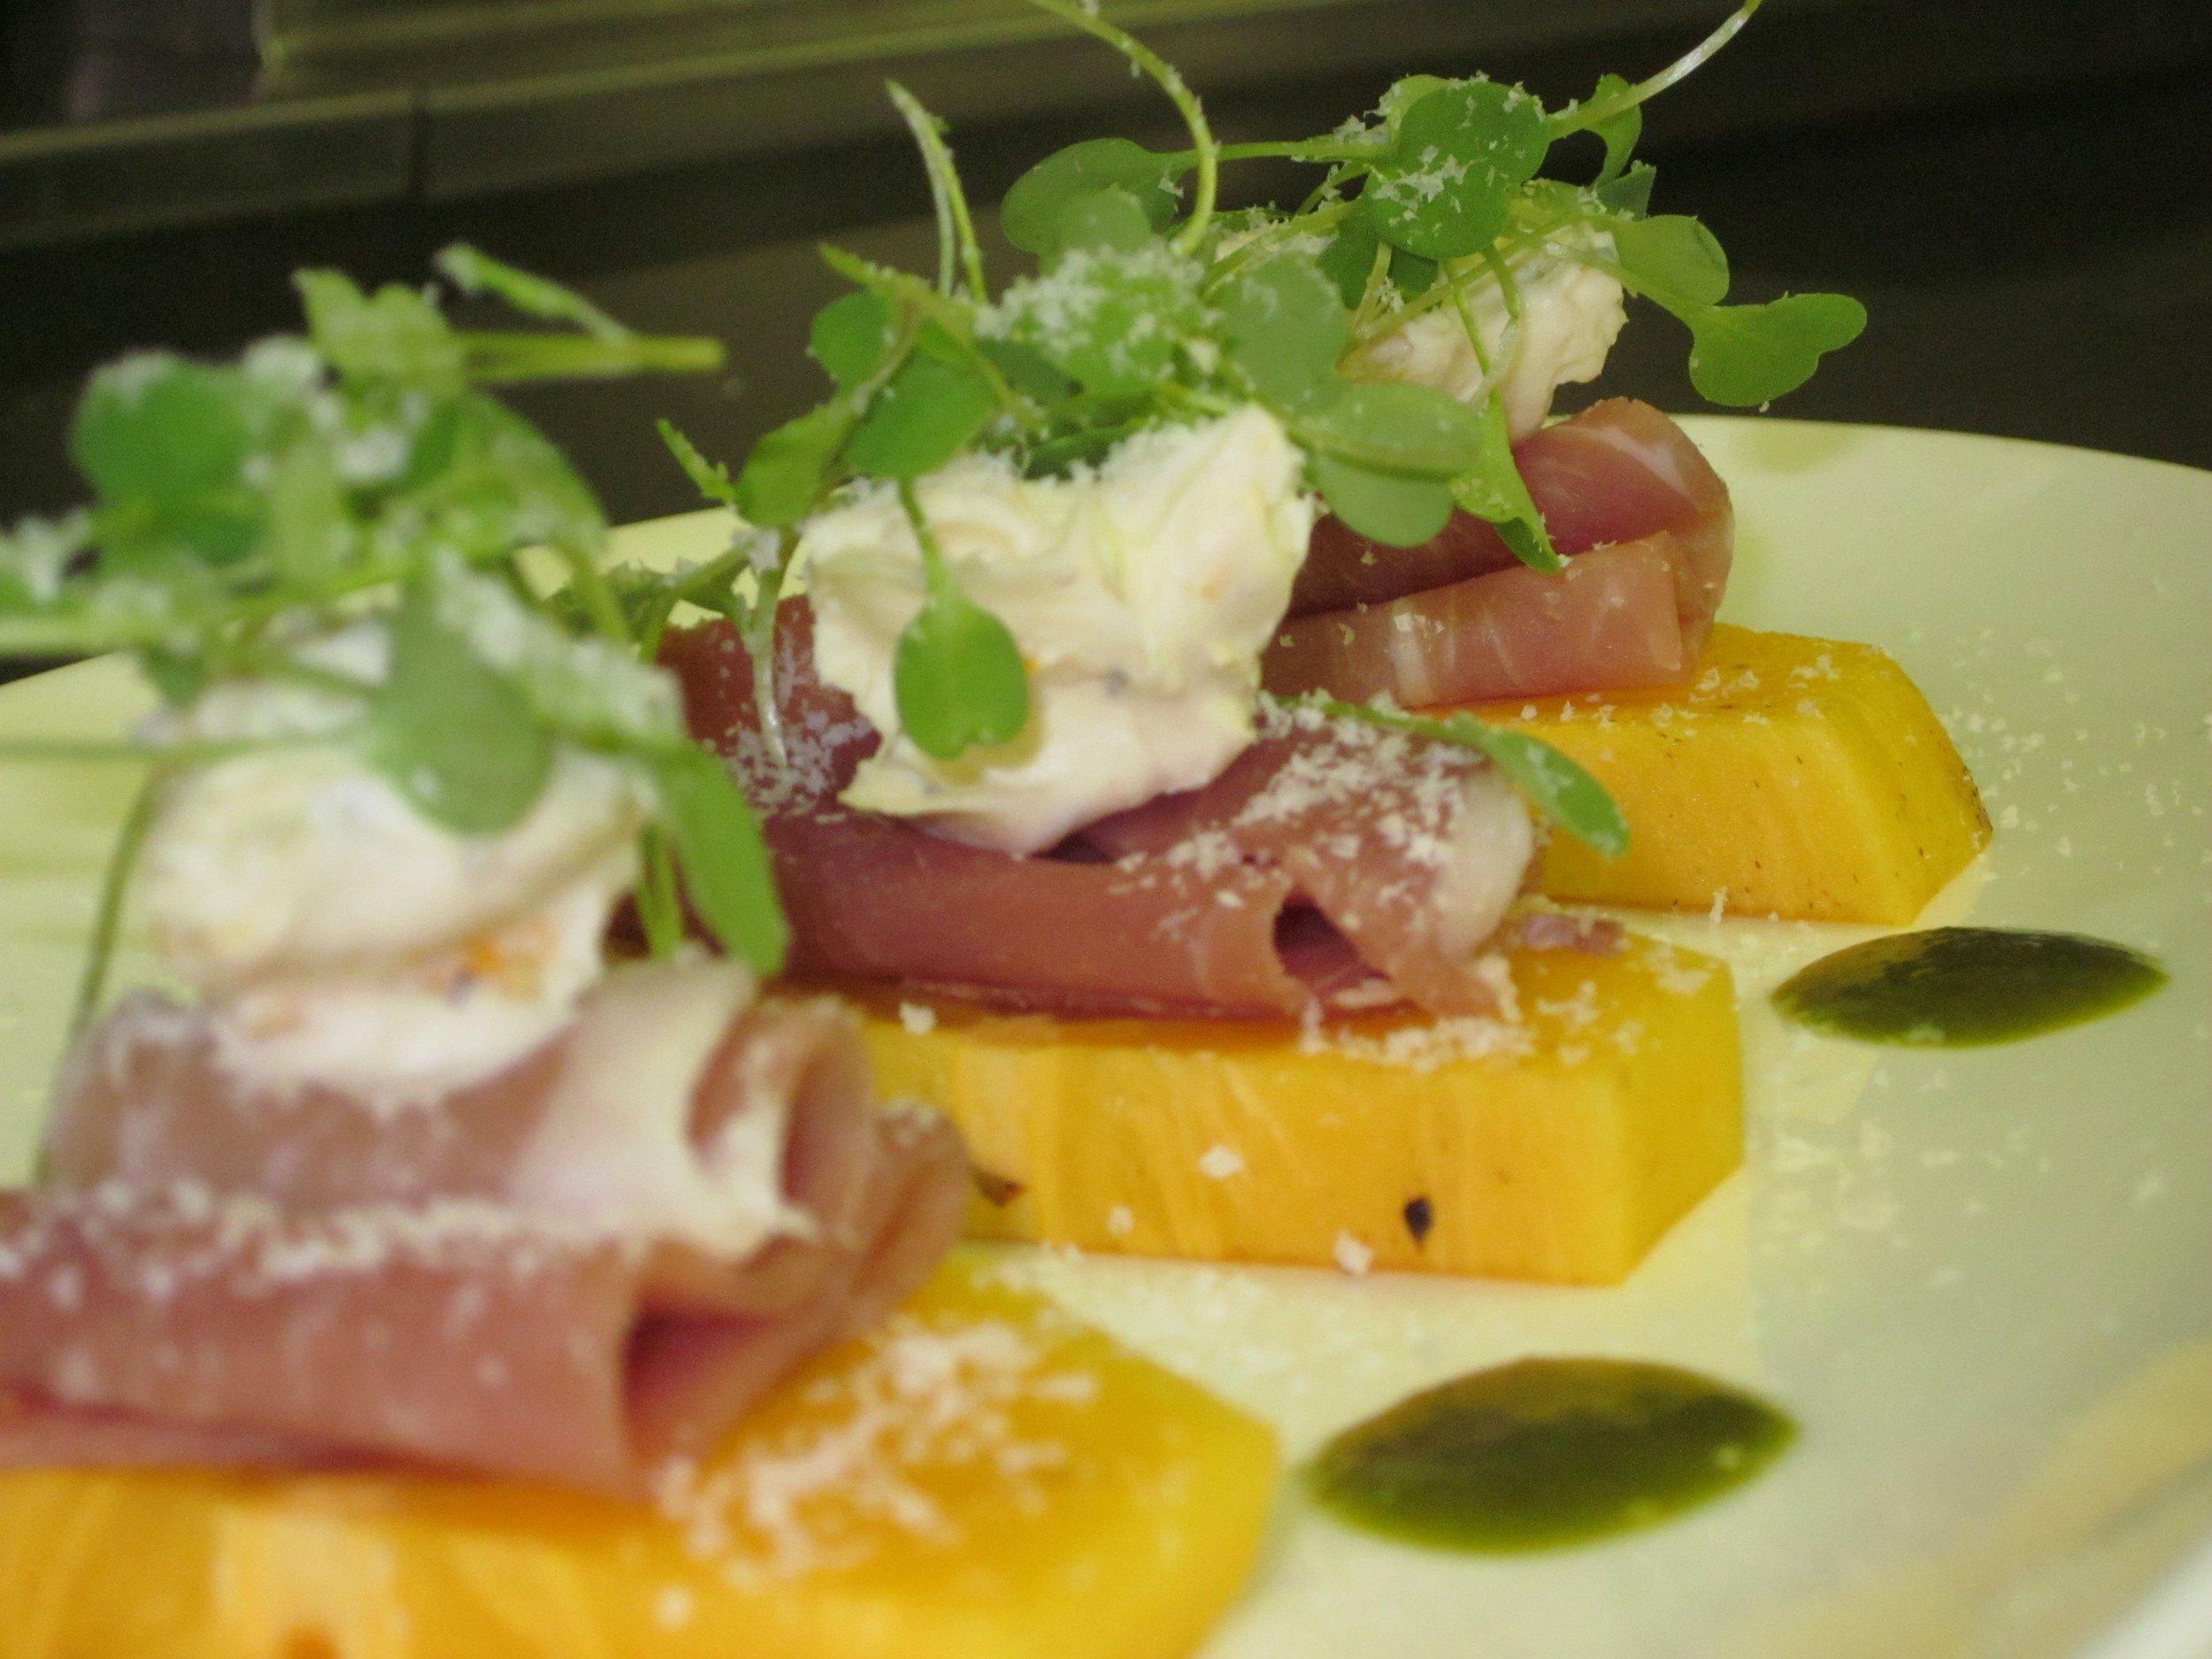 Parma Ham & Persimmon